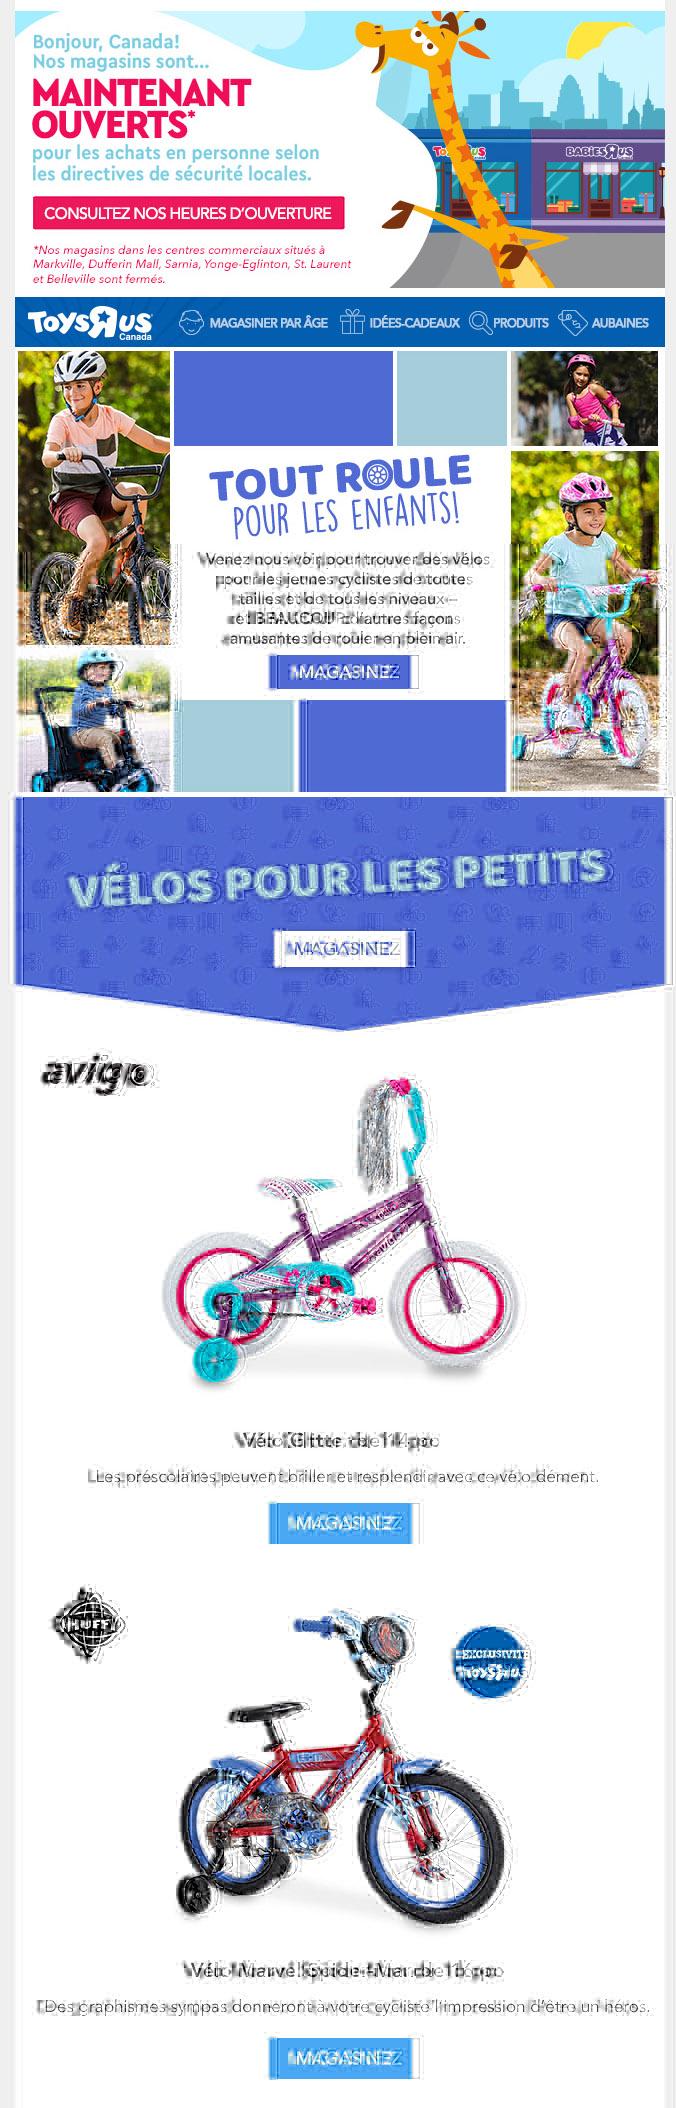 Vous Cherchez Un Vélo? On Est Là Pour Vous!